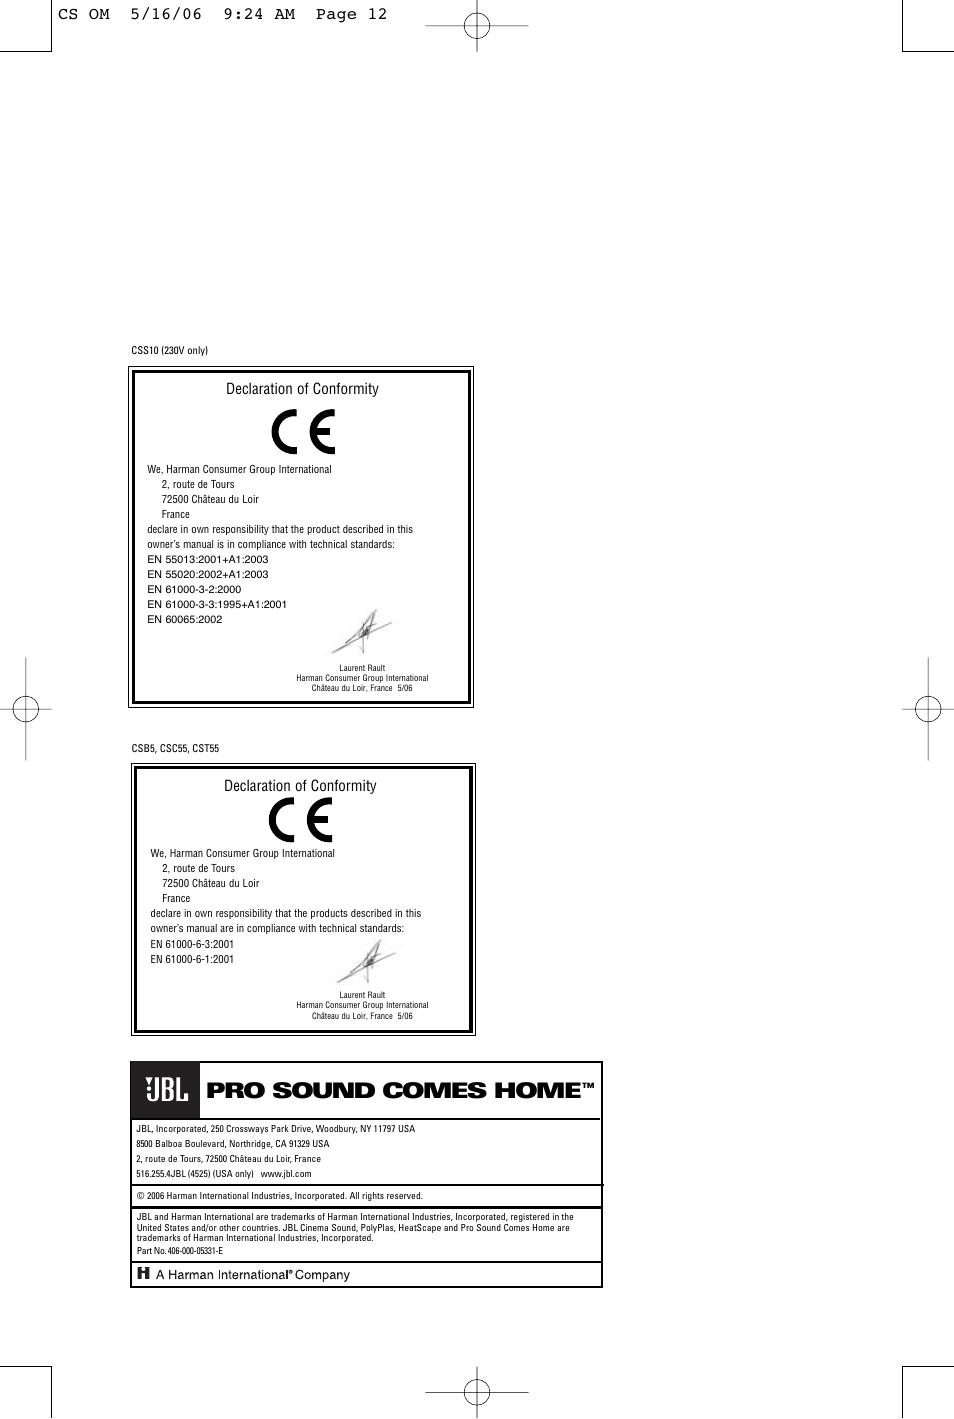 pro sound comes home declaration of conformity jbl css10 user rh manualsdir com